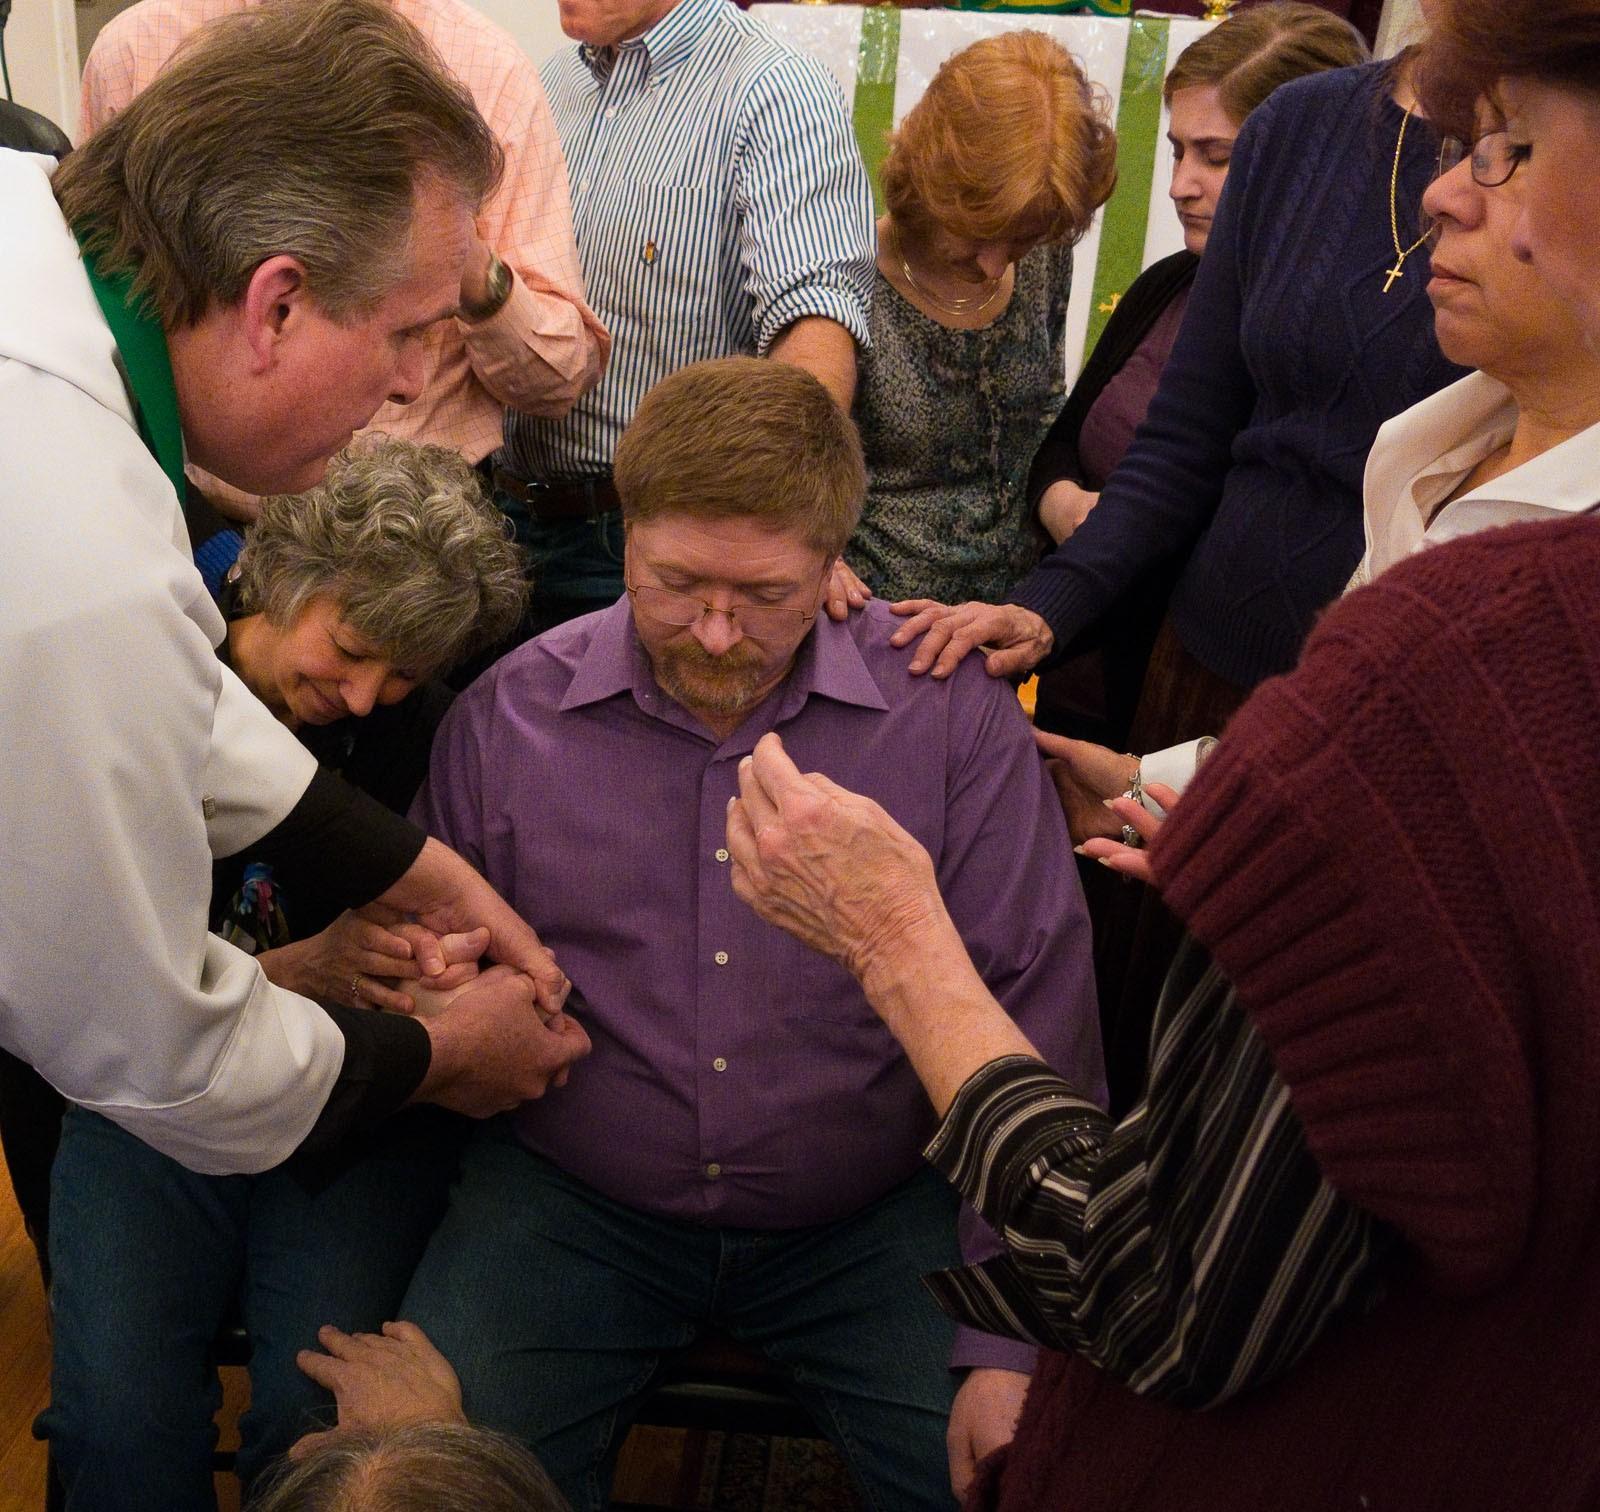 CtR-Praying over us